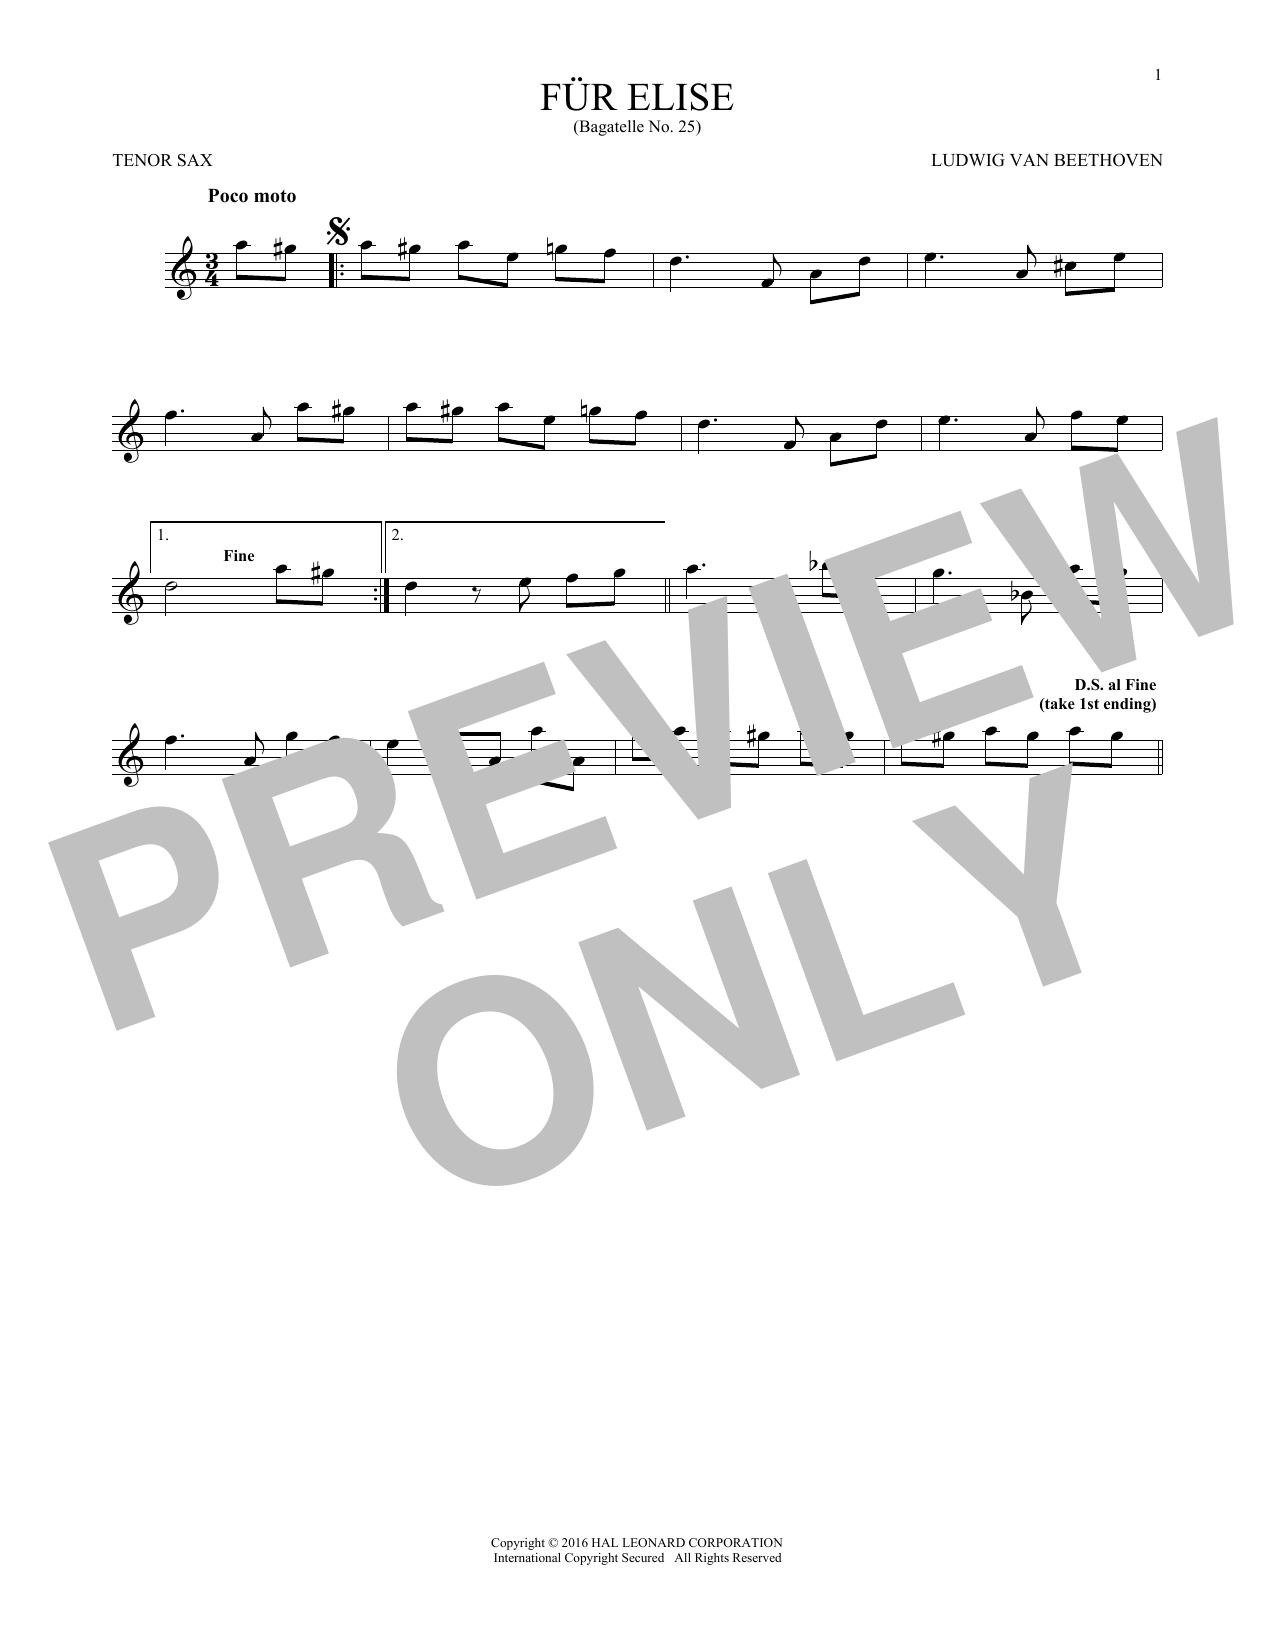 Ludwig Van Beethoven Fur Elise Woo 59 Sheet Music Notes Chords